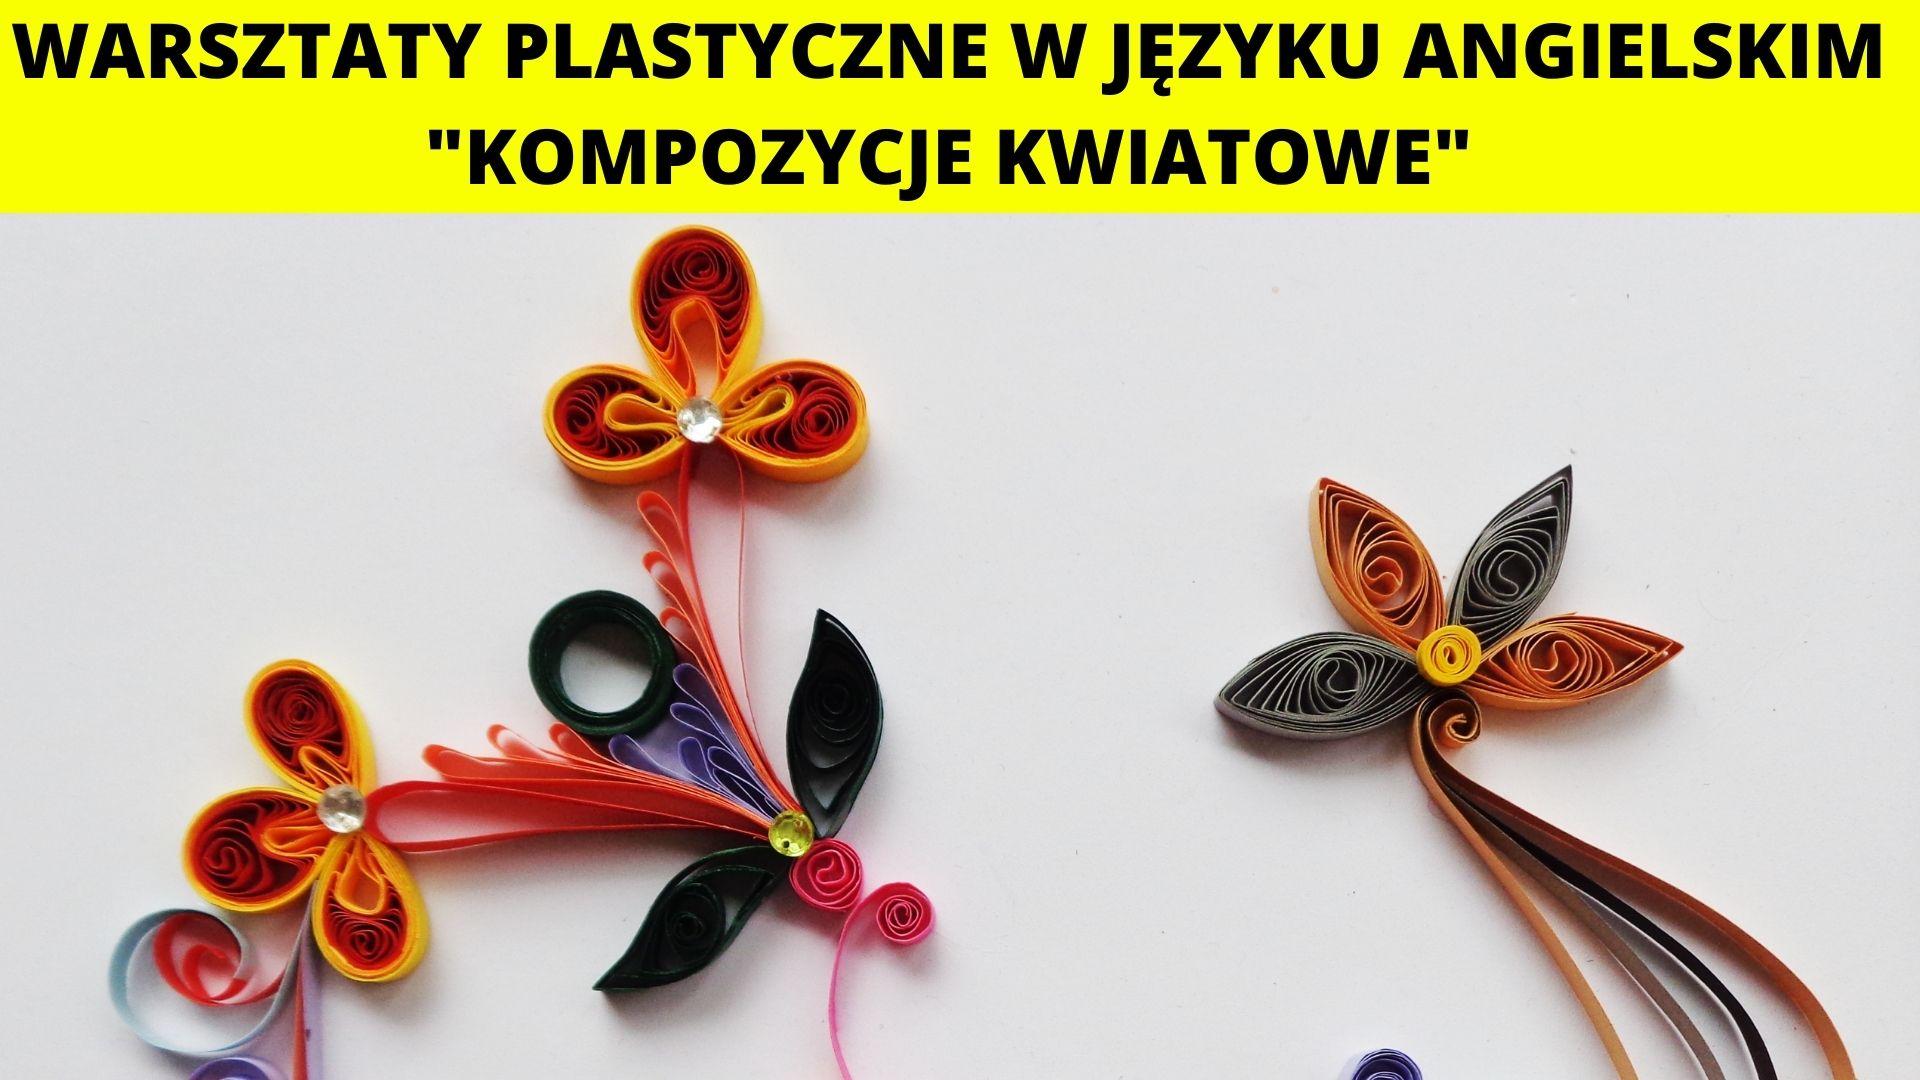 Kompozycje kwiatowe - warsztaty plastyczne w języku angielskim